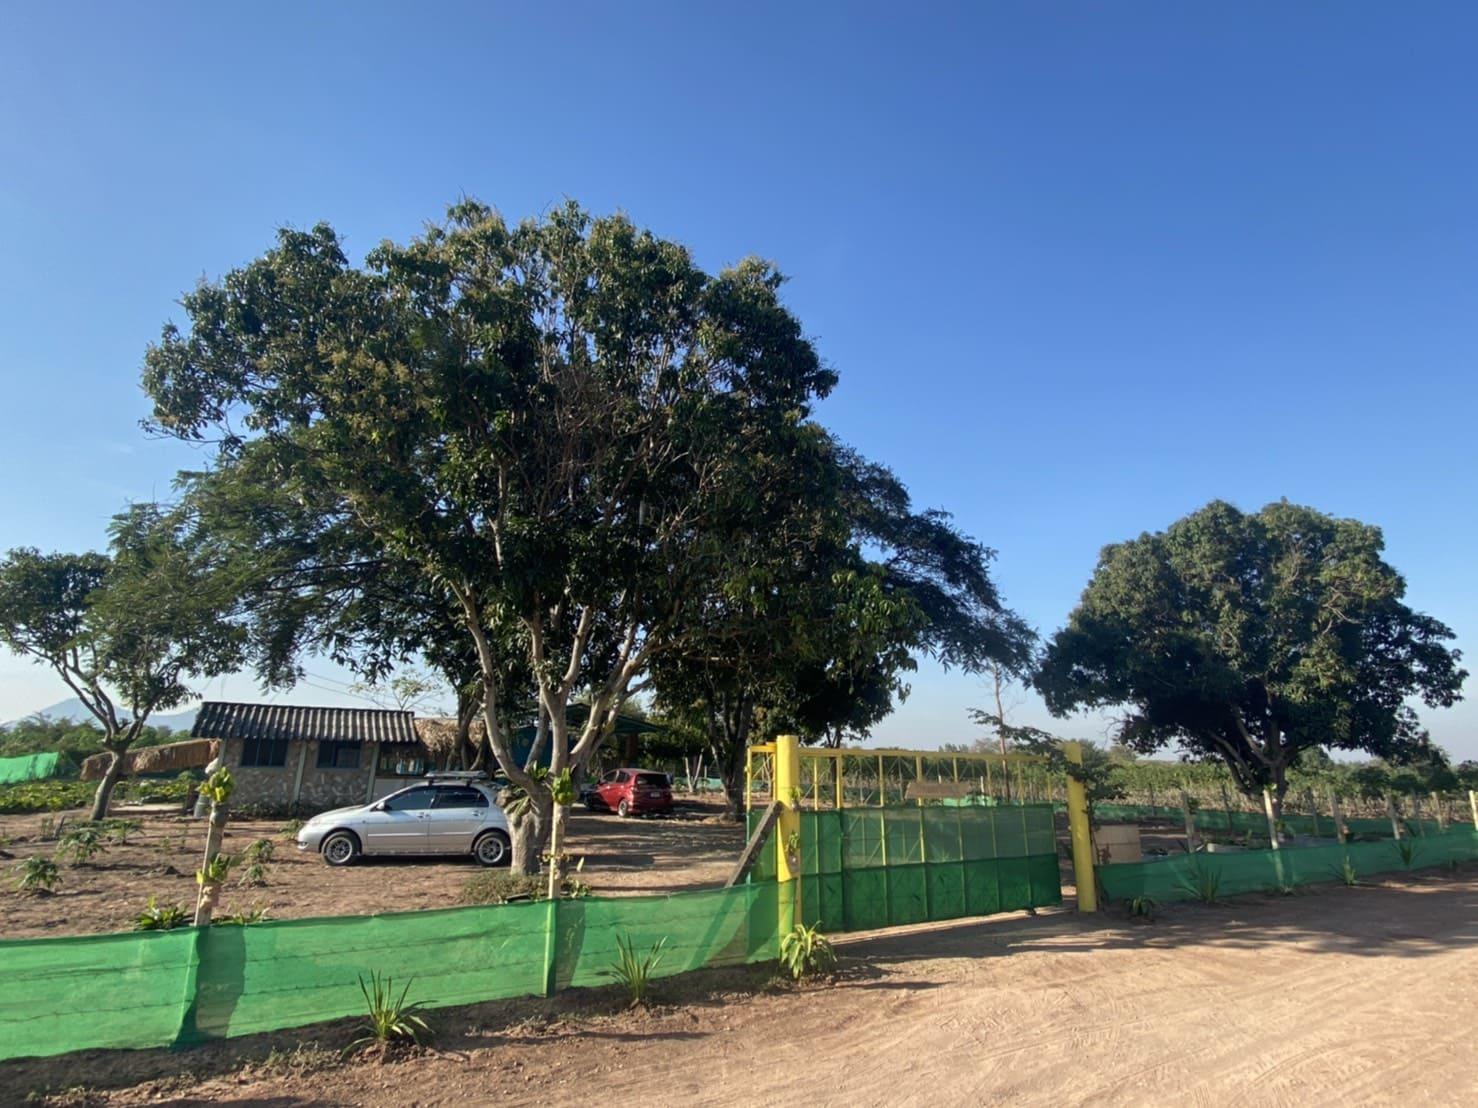 ขายบ้านพร้อมที่ดิน กลอนโด ด่านมะขามเตี้ย กาญจนบุรี